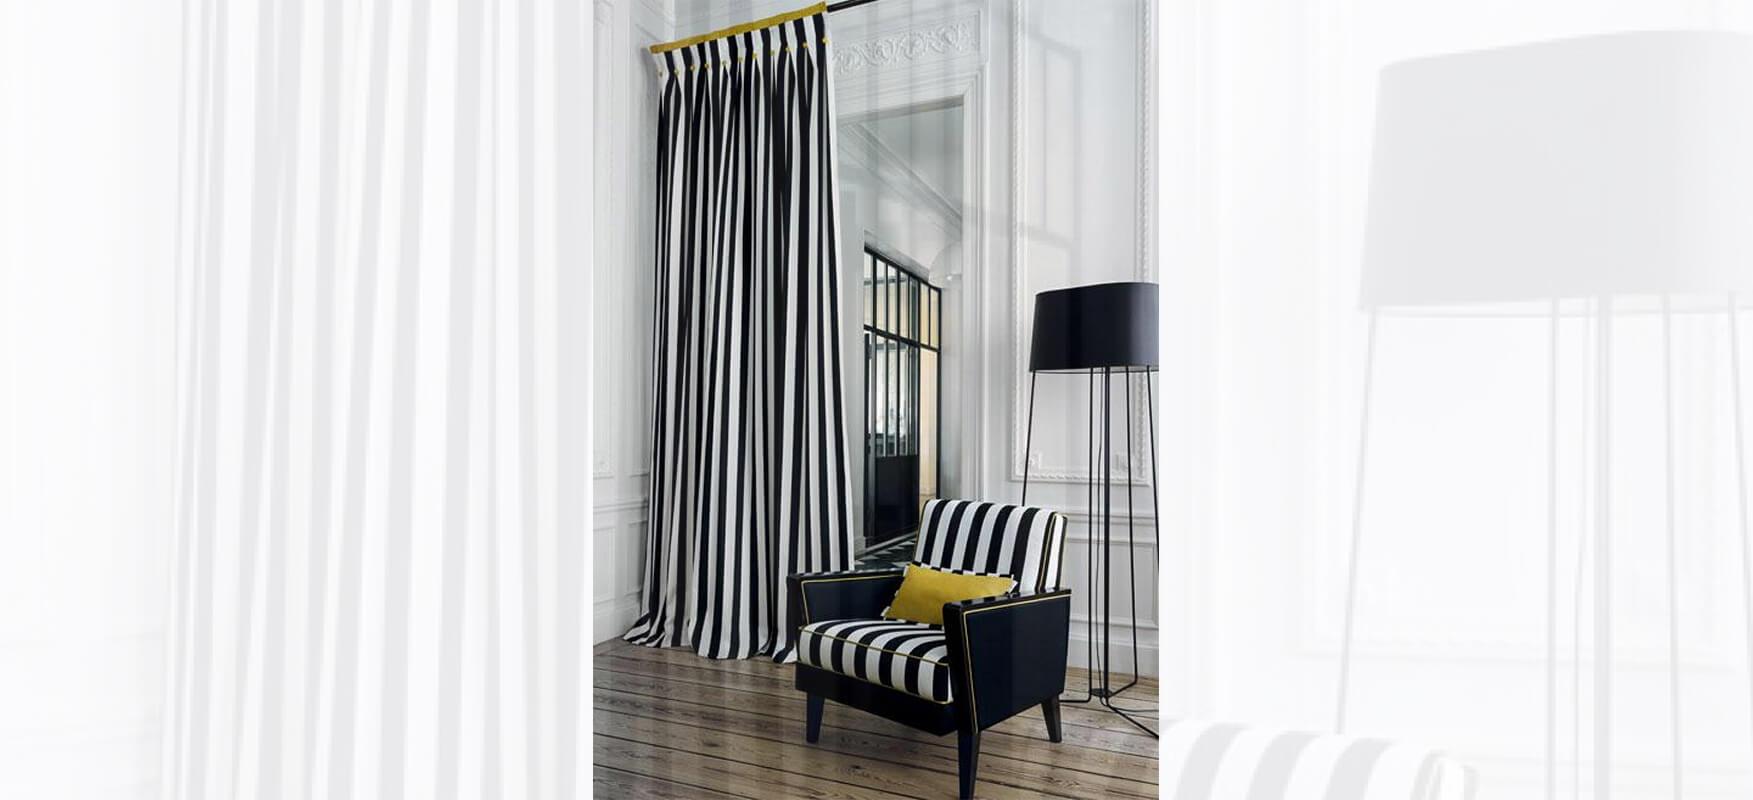 Chanecolor-Pinturas-decoracion-interiorismo-confeccion